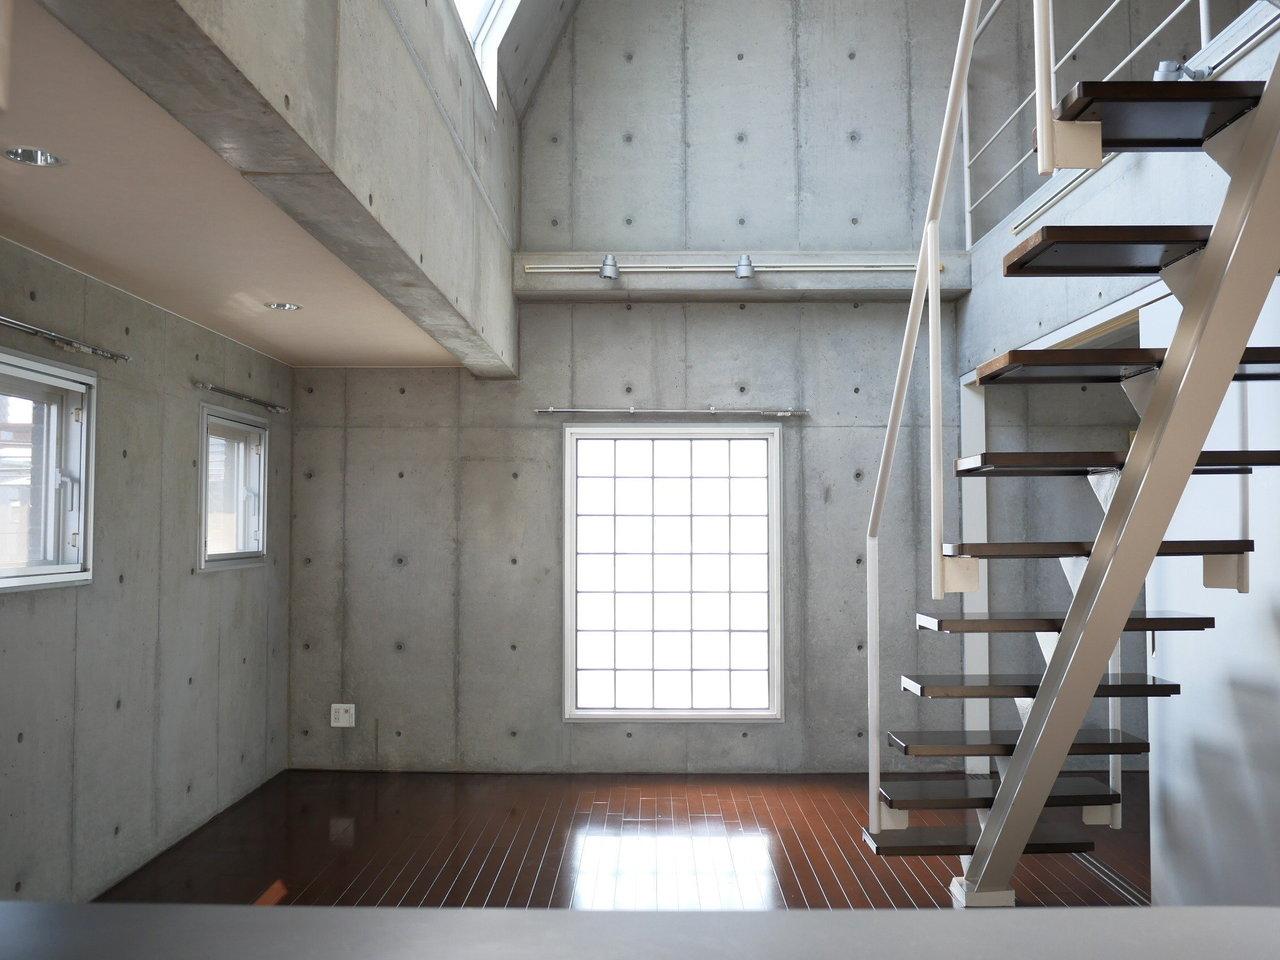 ロフトのある、メゾネットタイプのお部屋です。階段下にはリビングと洋室、水回りがまとまっています。コンクリート打ちっぱなしでかっこいい雰囲気です。